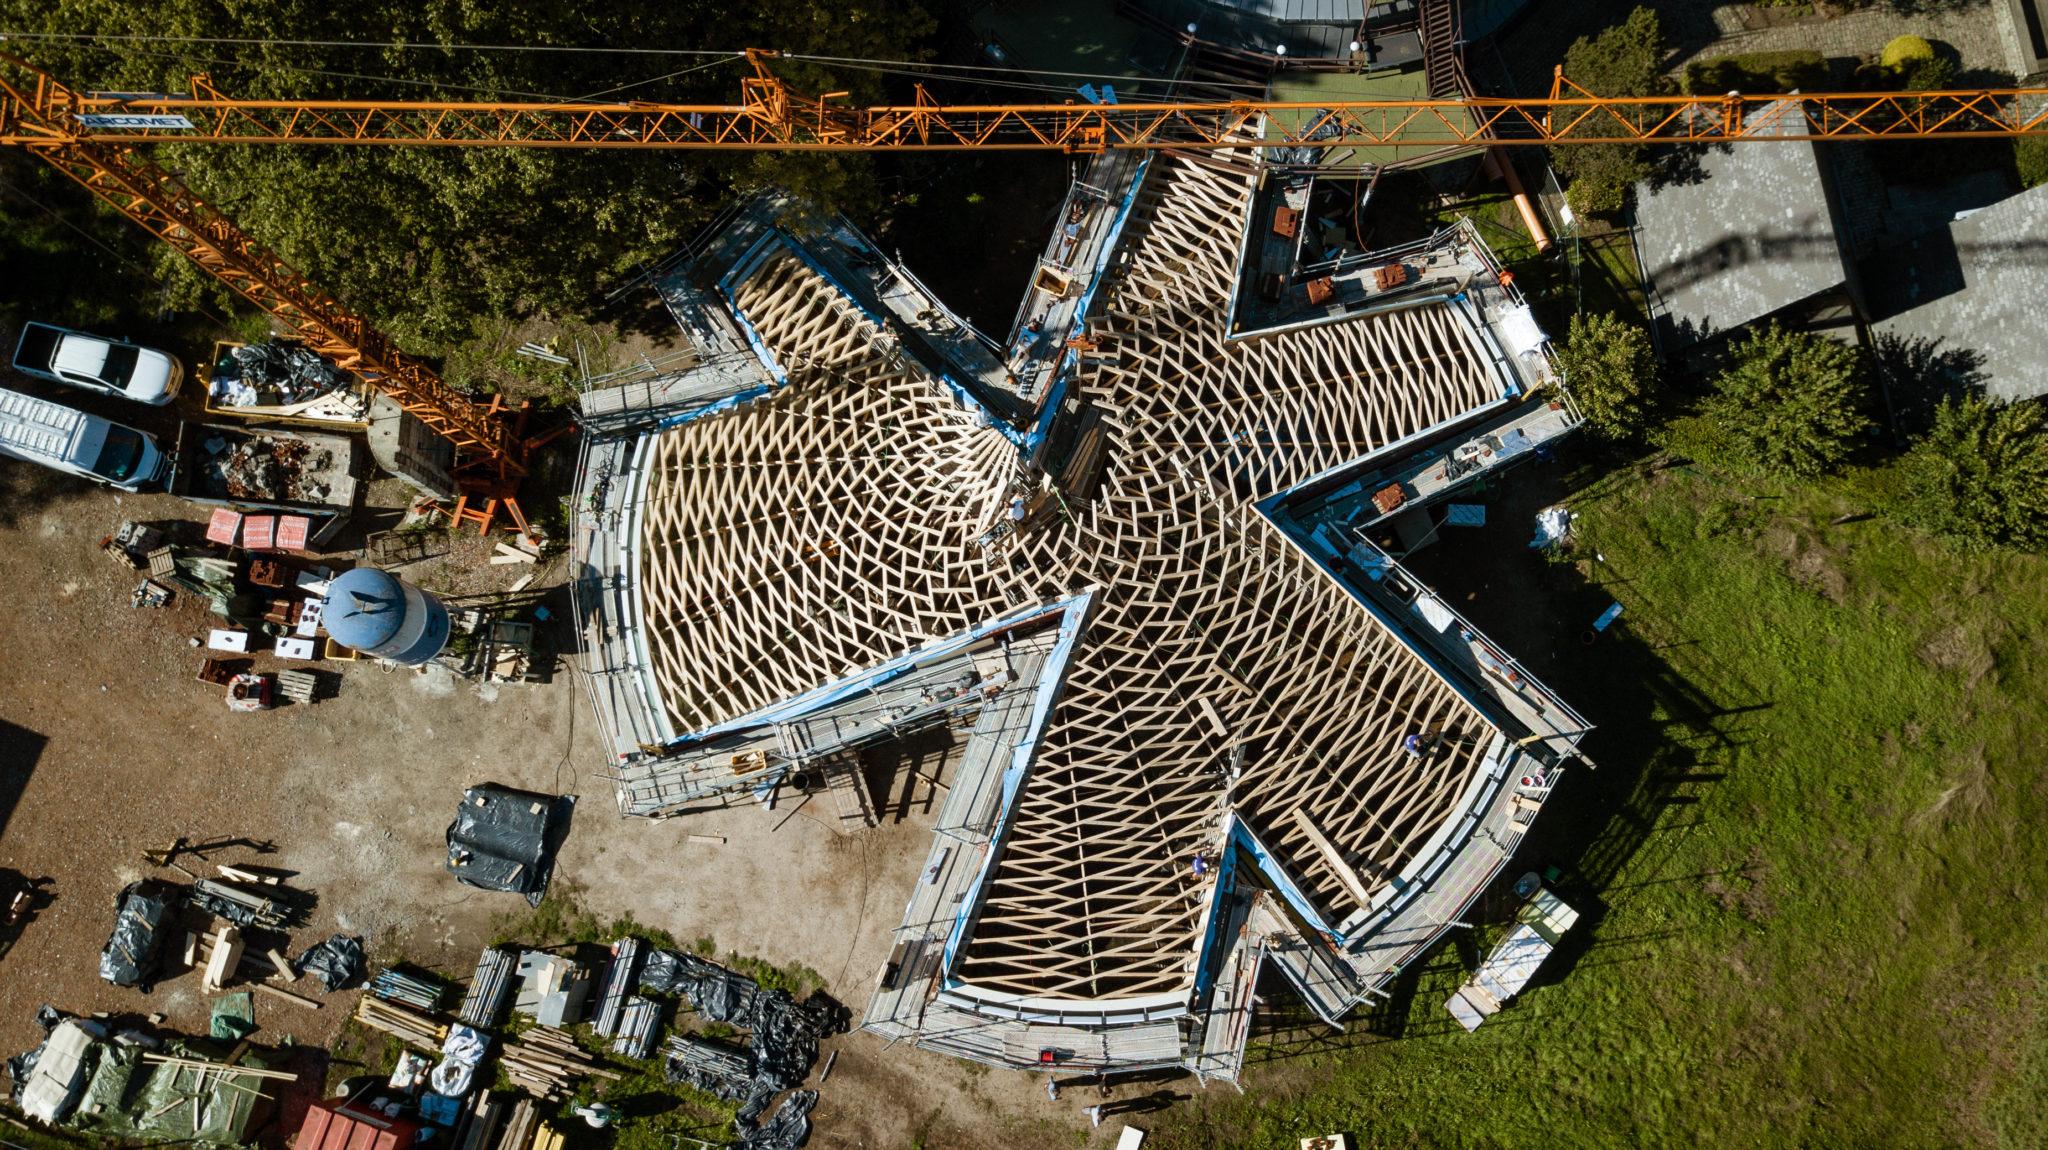 reciprocerende dakconstructie voor het Frans Masereel museum in Kasterlee